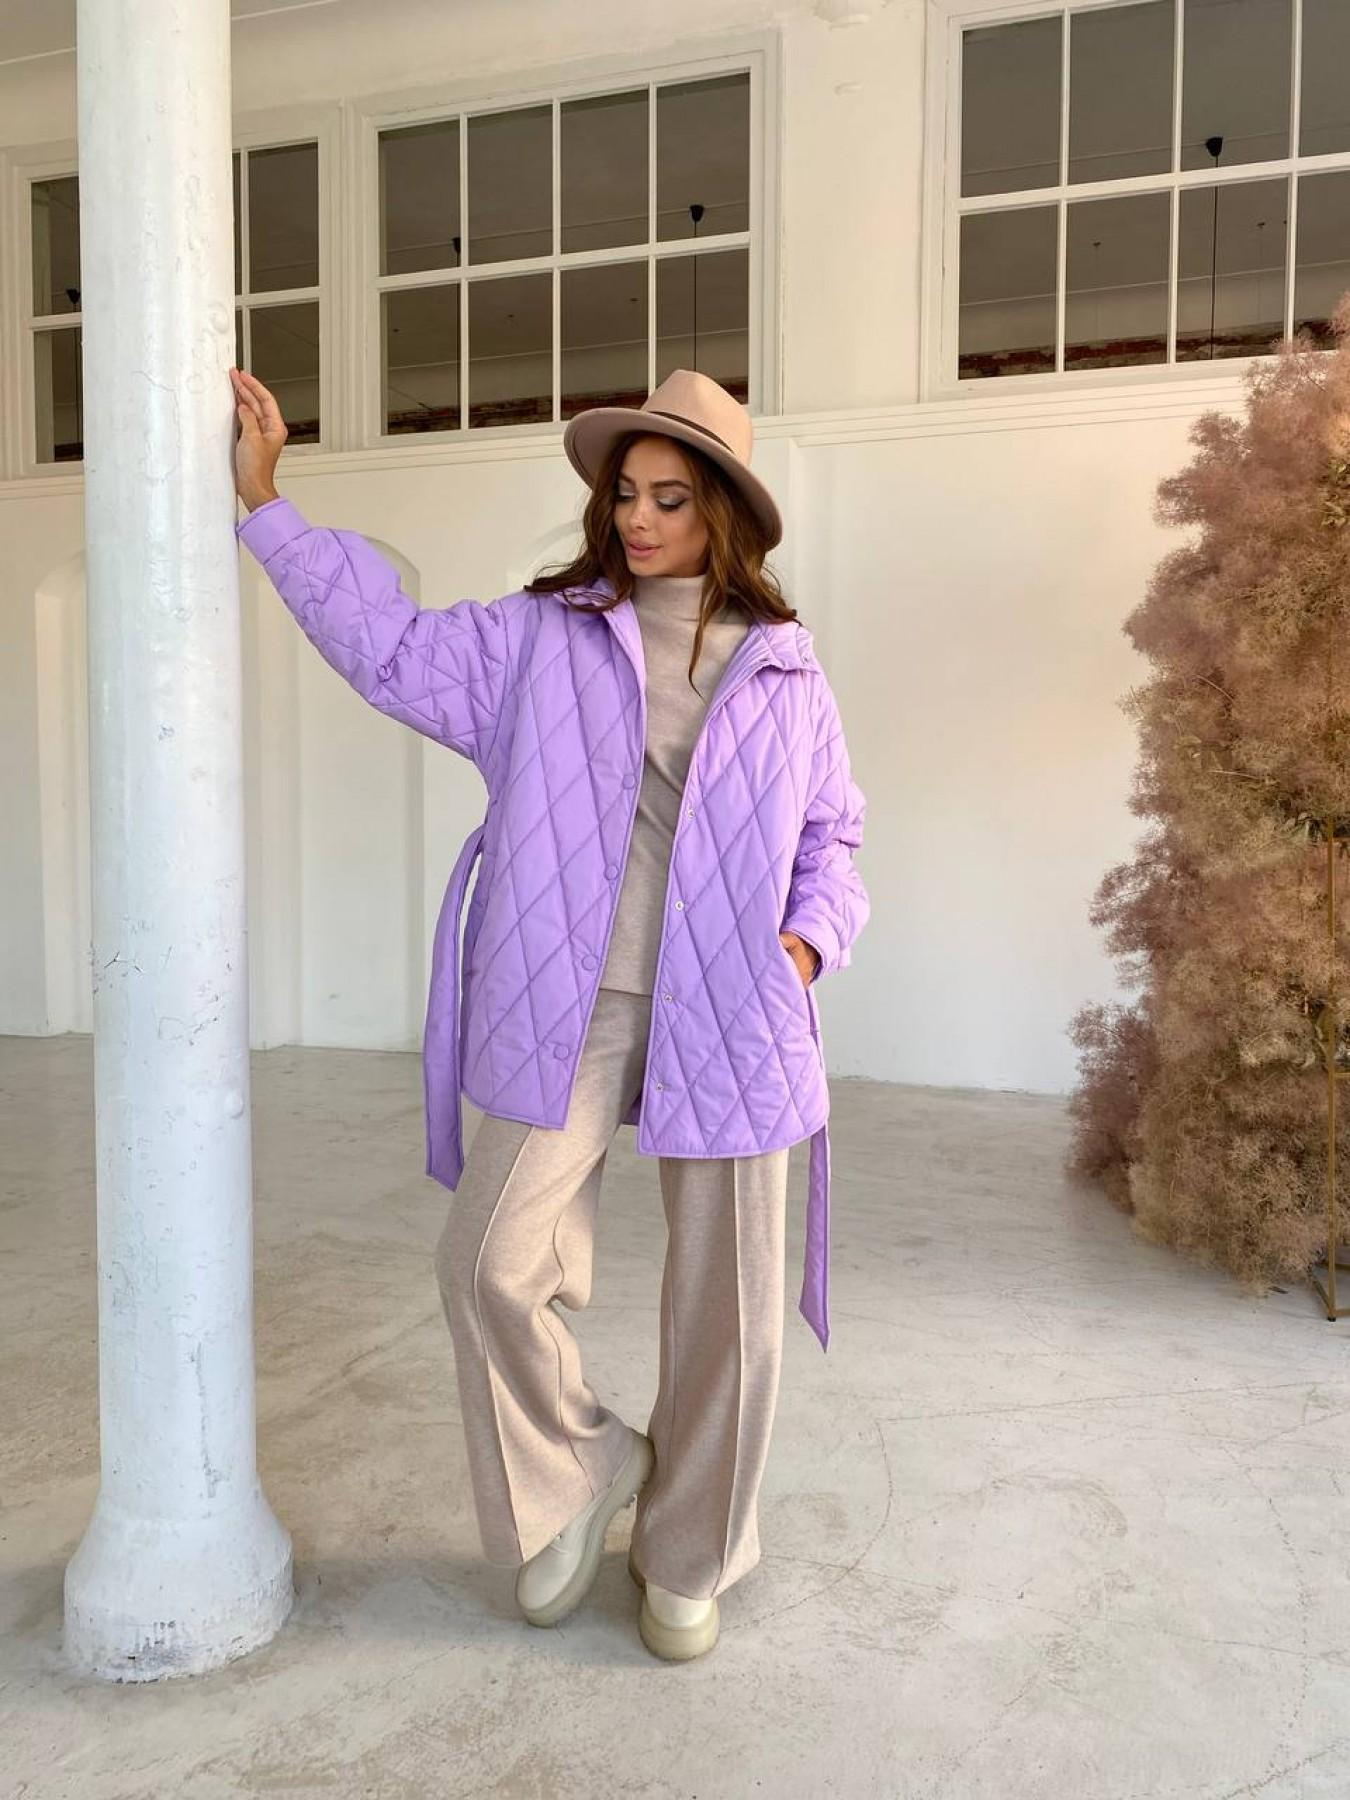 Пазл стеганая куртка из плащевки 11764 АРТ. 48506 Цвет: Лаванда 1 - фото 6, интернет магазин tm-modus.ru